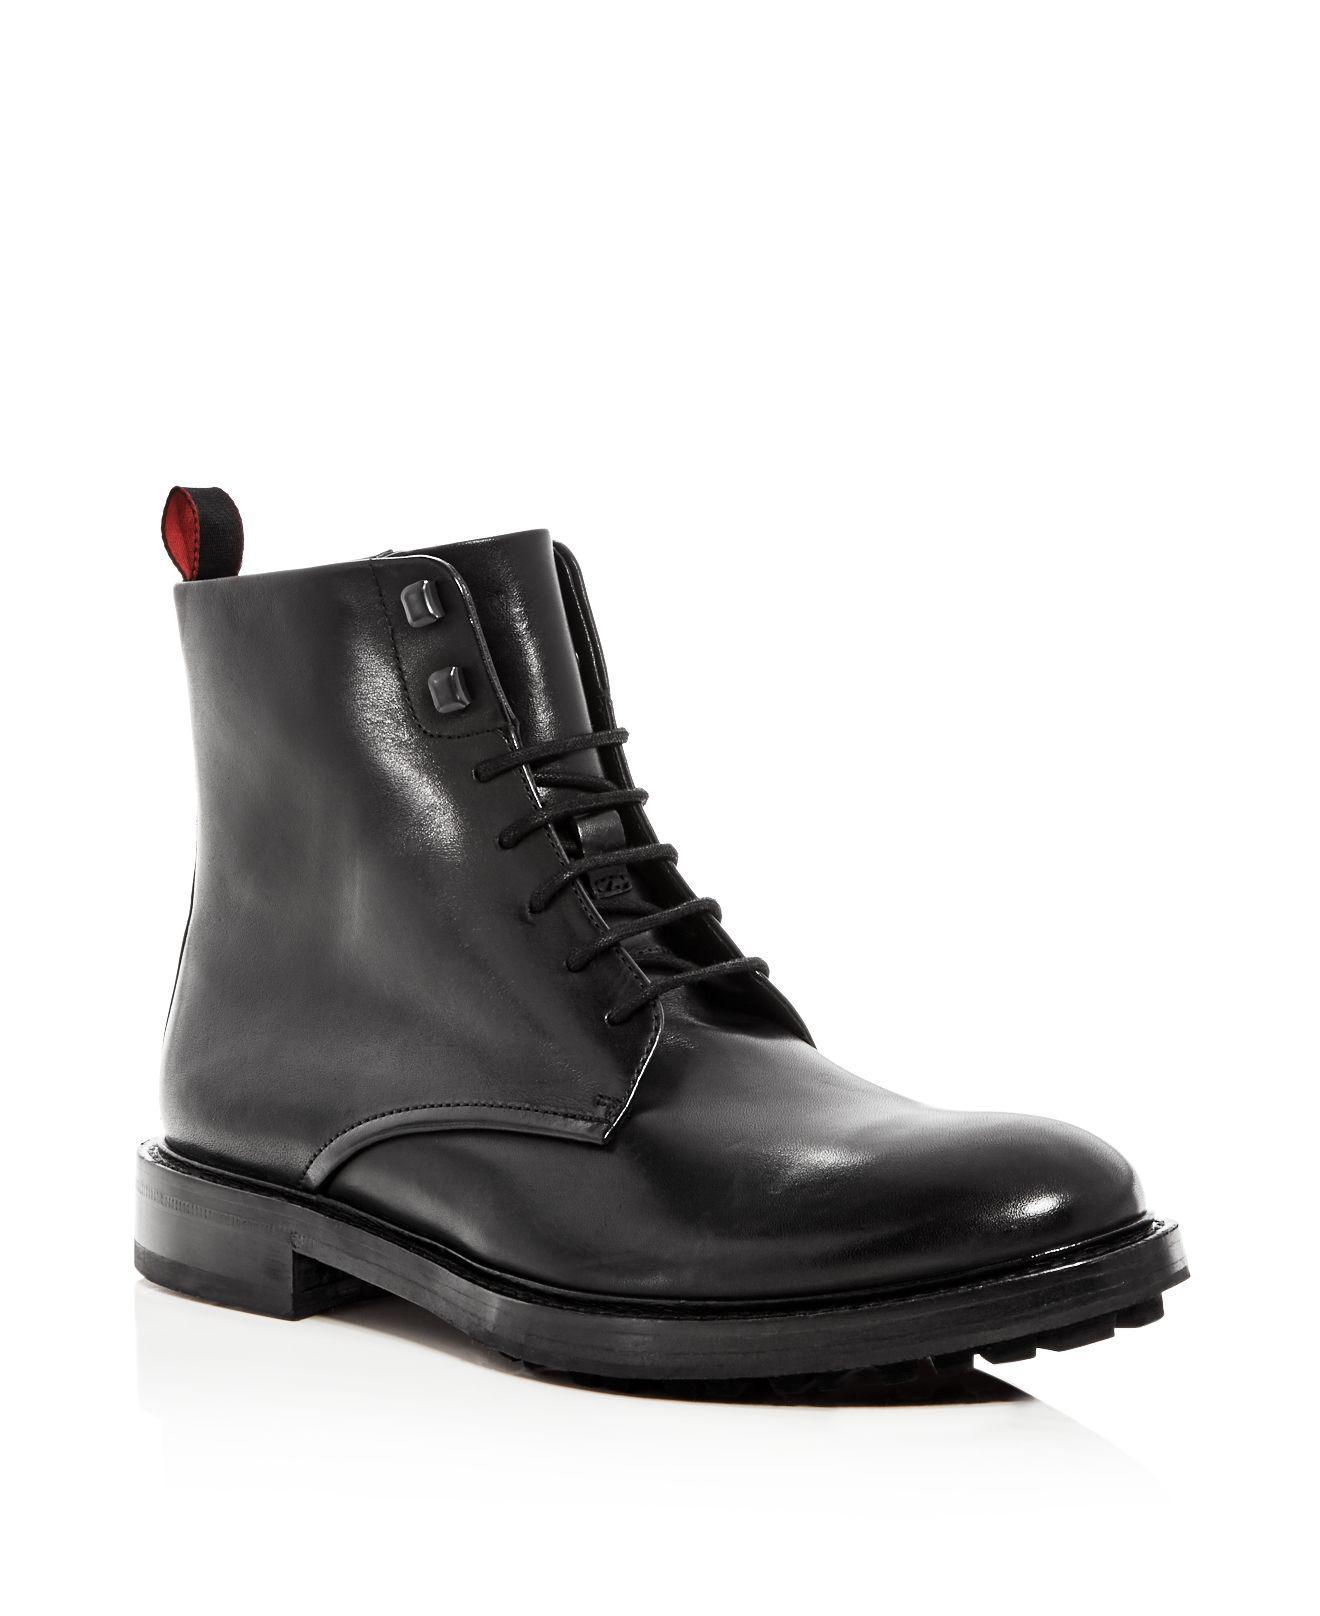 HUGO EXPLORE HALB - Lace-up boots - black DzHcLiYTP